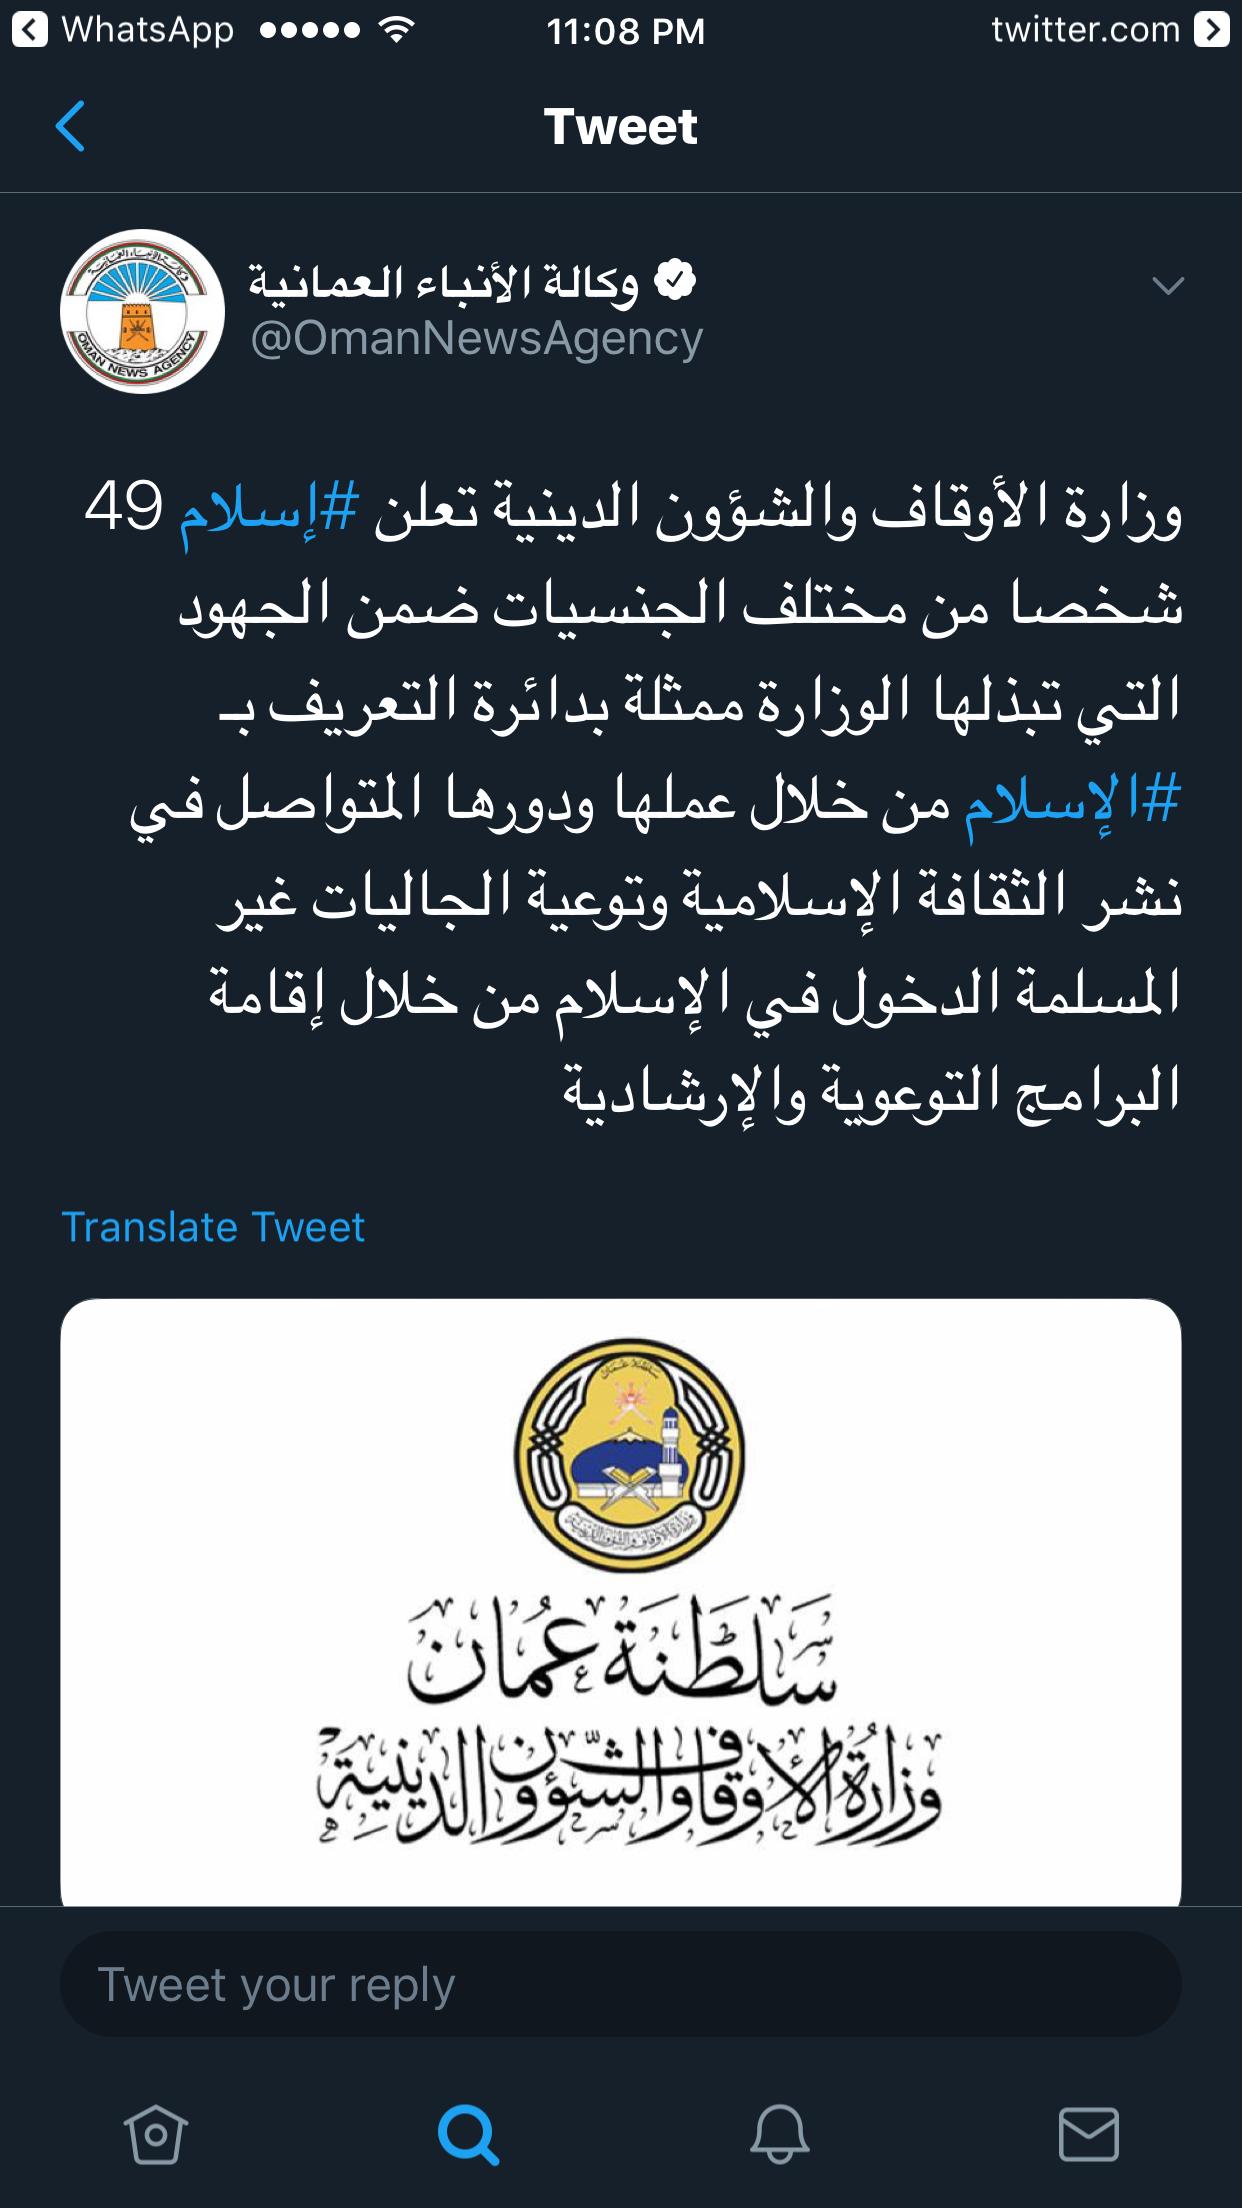 حساب وكالة الأنباء العمانية على تويتر